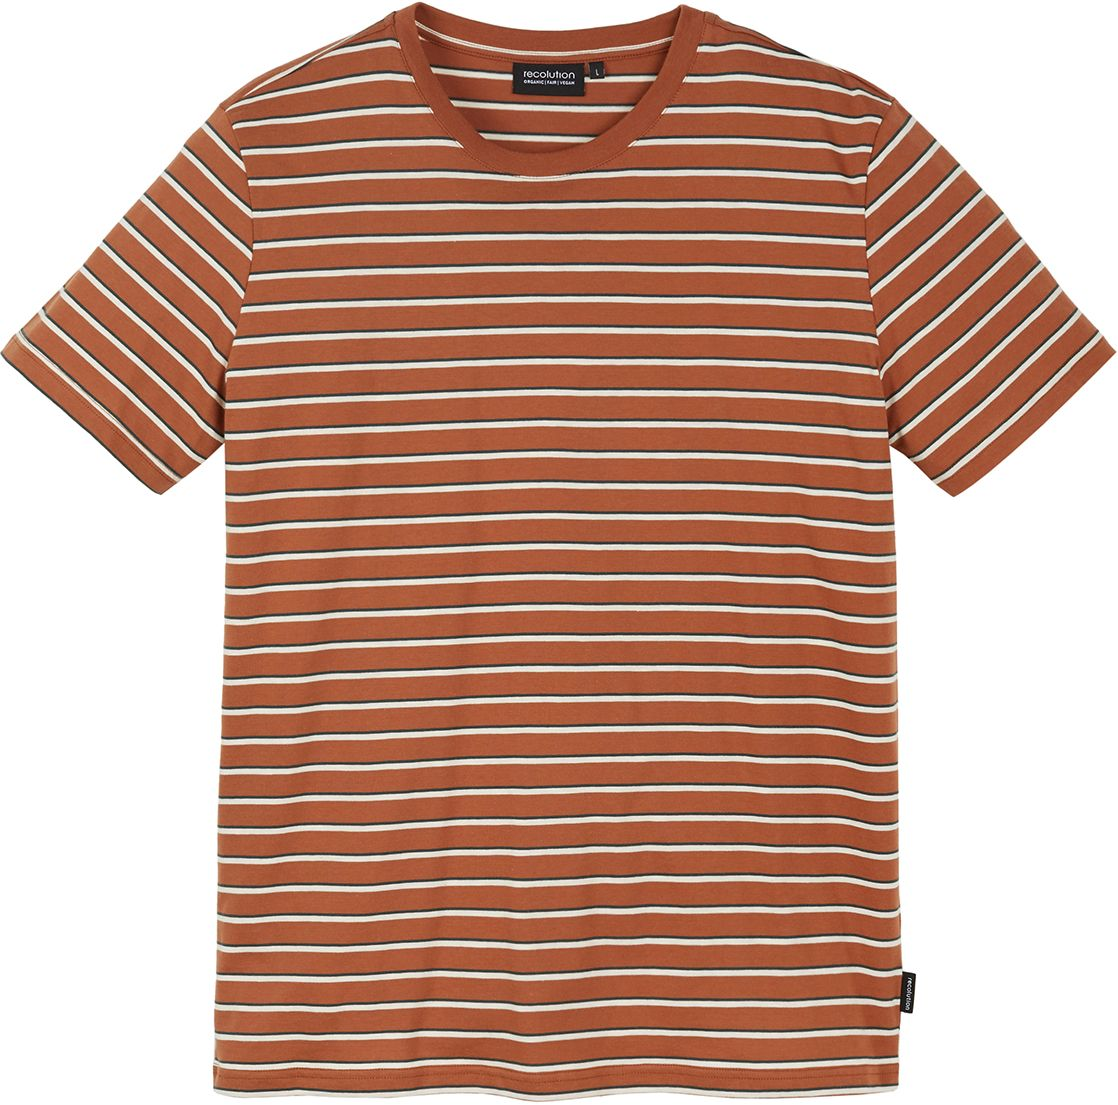 Herren-Shirt CACAO dark orange / offwhite / green forest